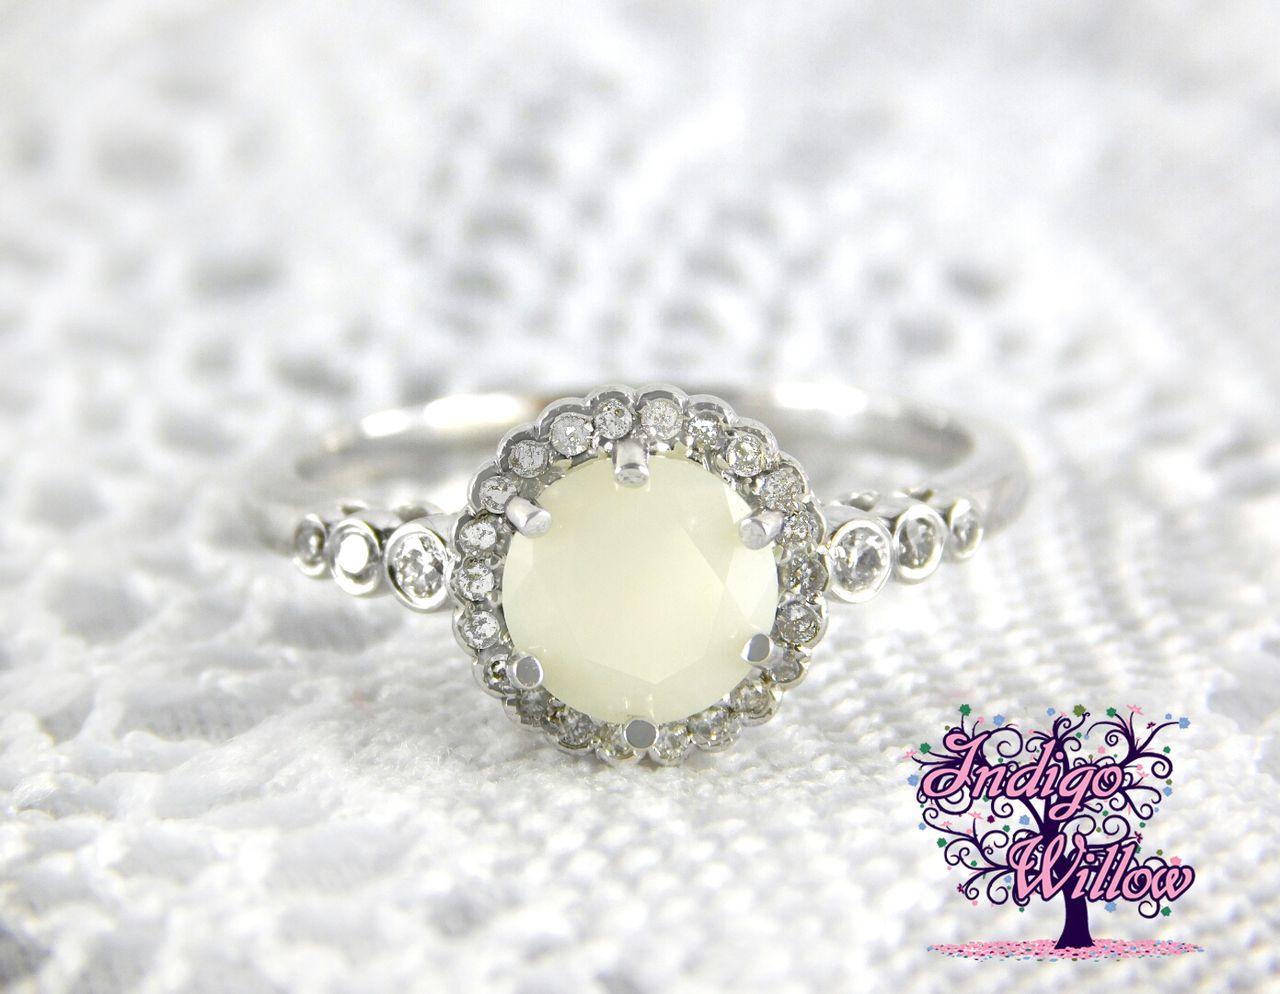 Inara Diamond 14kt Gold Or Platinum Breast Milk Ring Breast